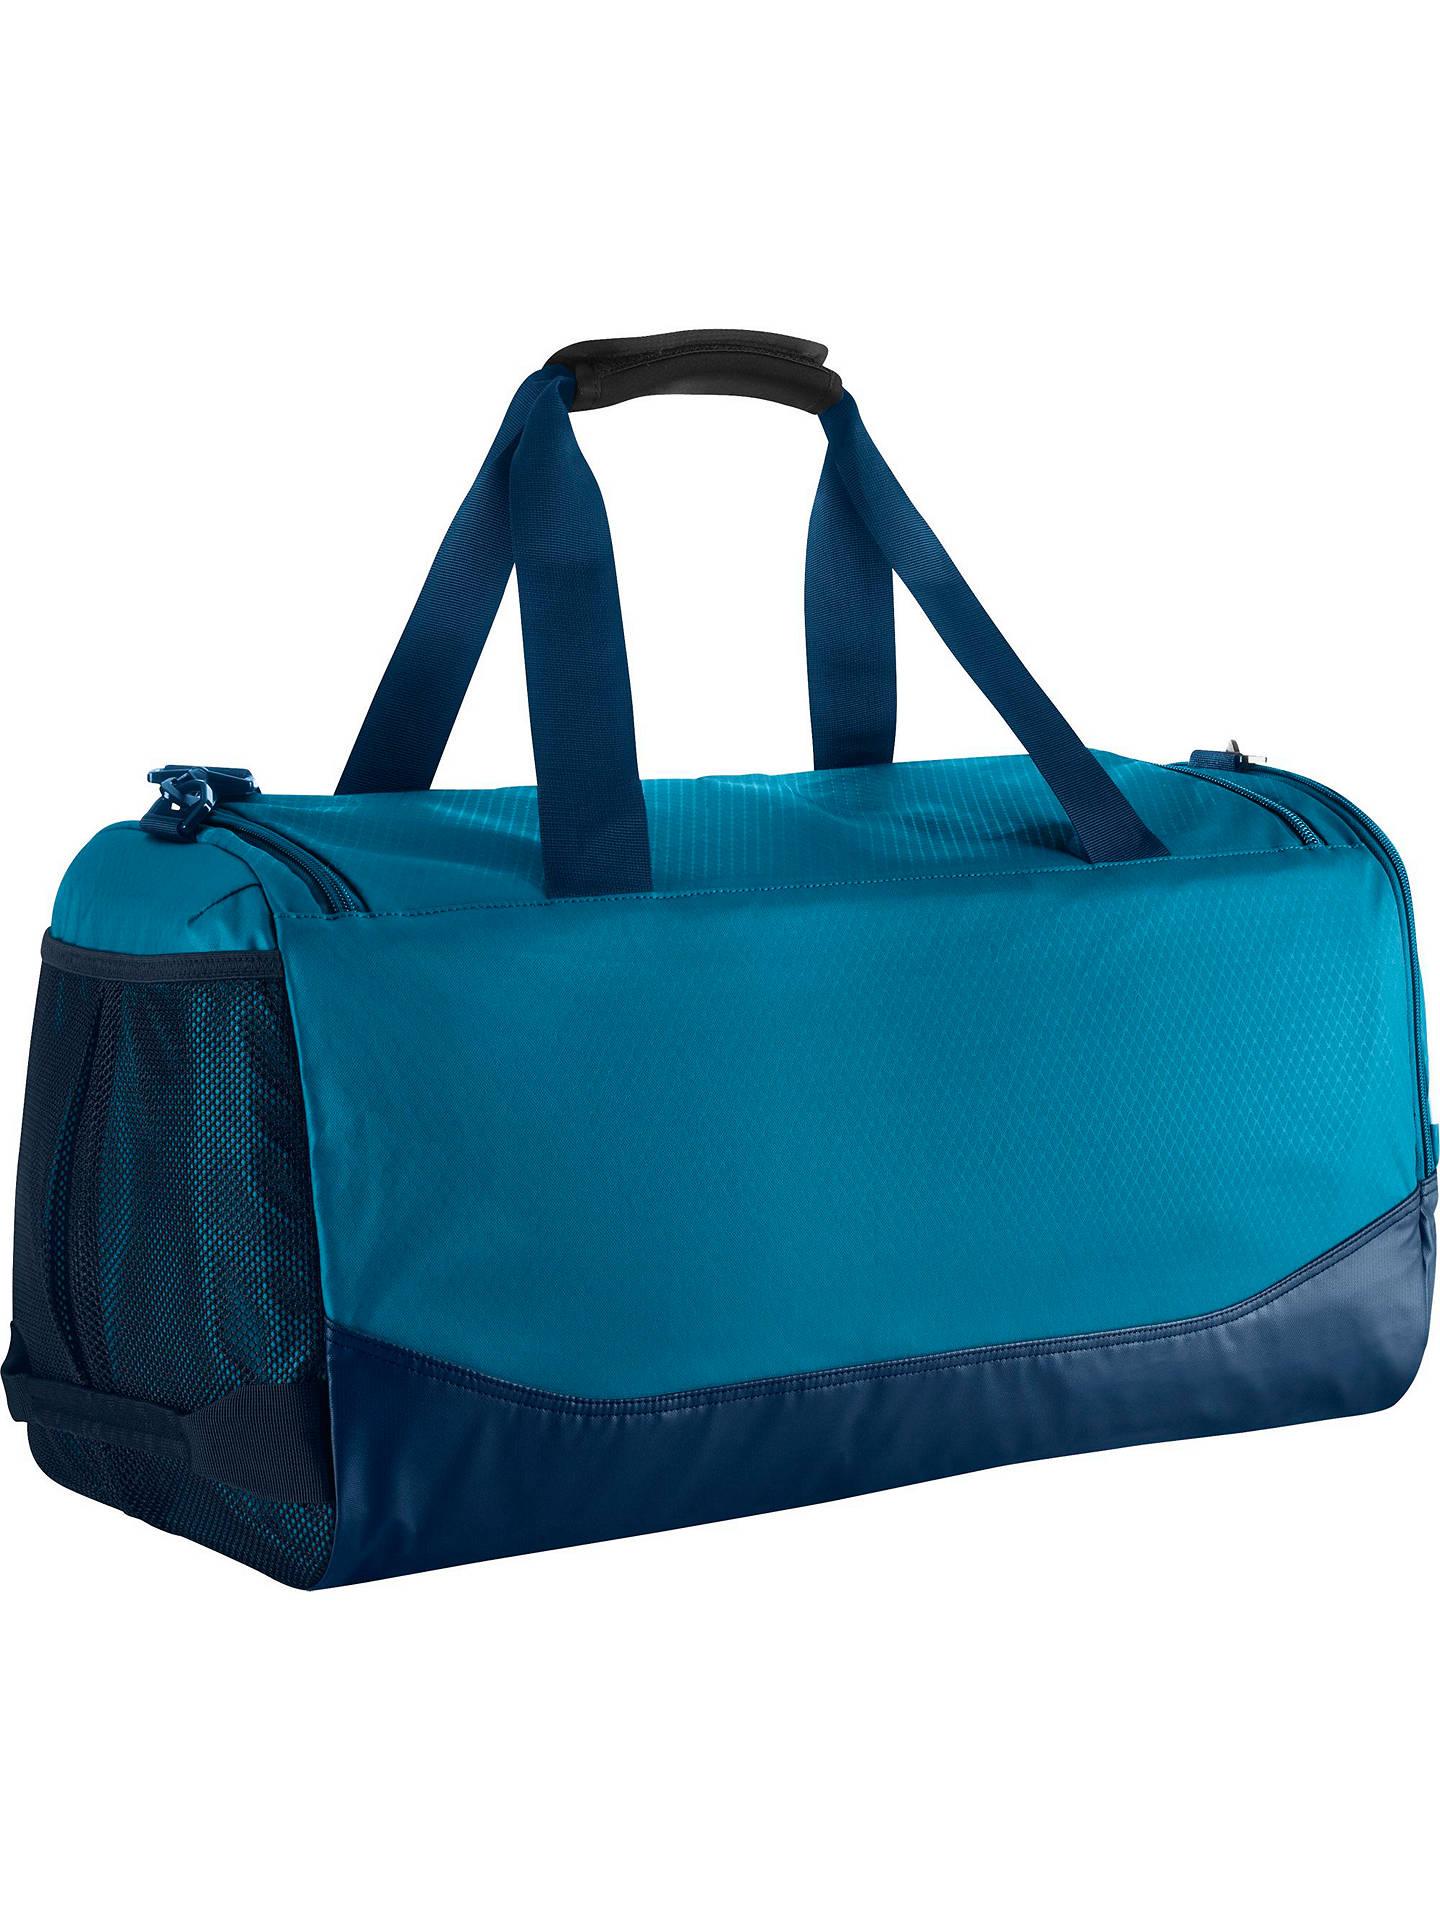 e2a4e7dfd4 Nike Team Training Max Air Medium Duffel Bag at John Lewis   Partners